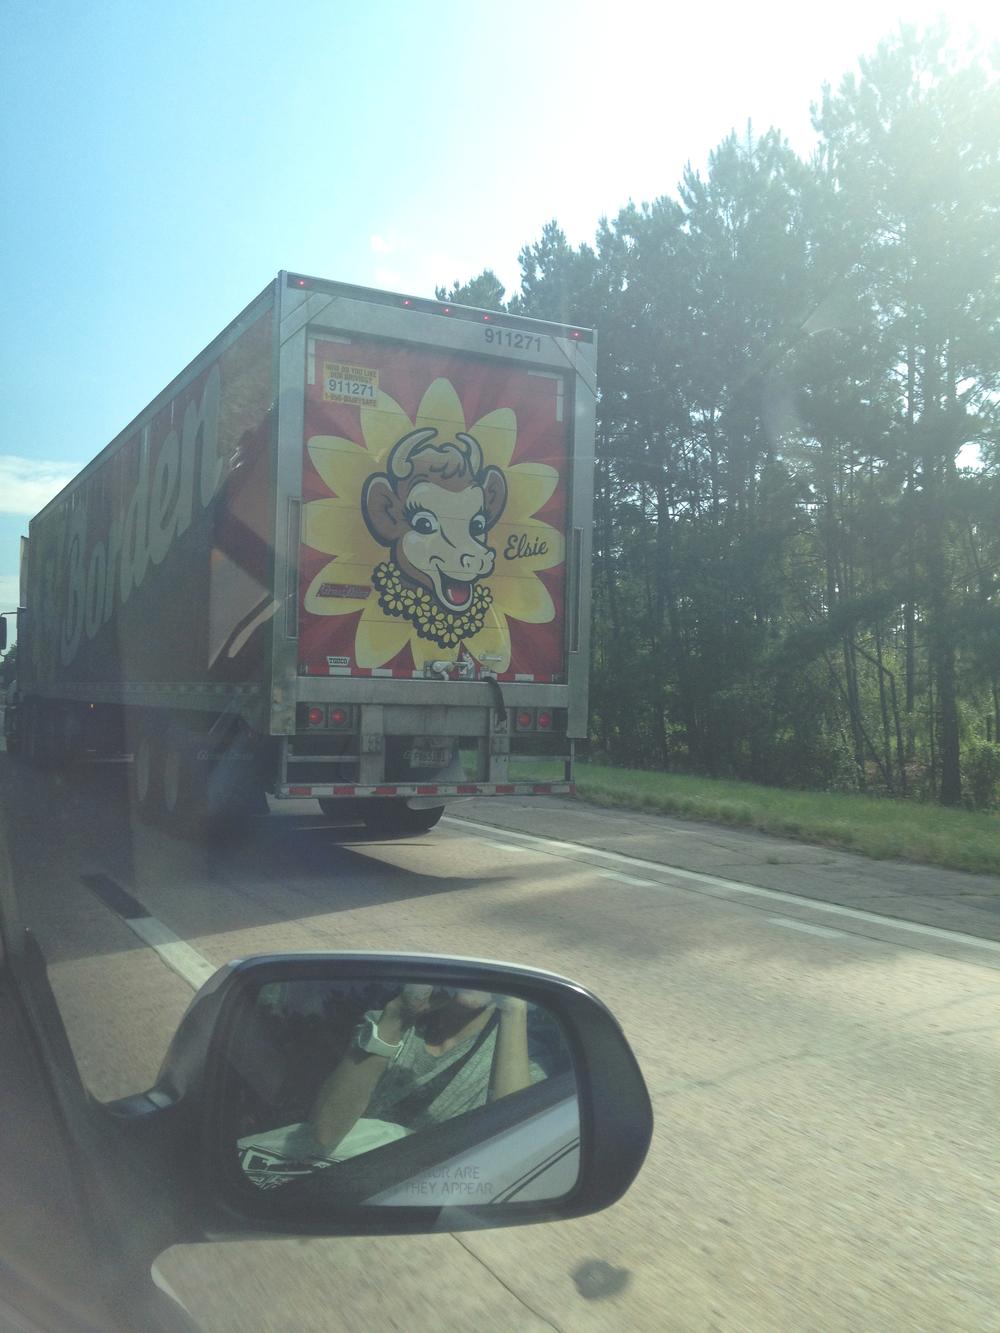 trucksbehind4.jpg